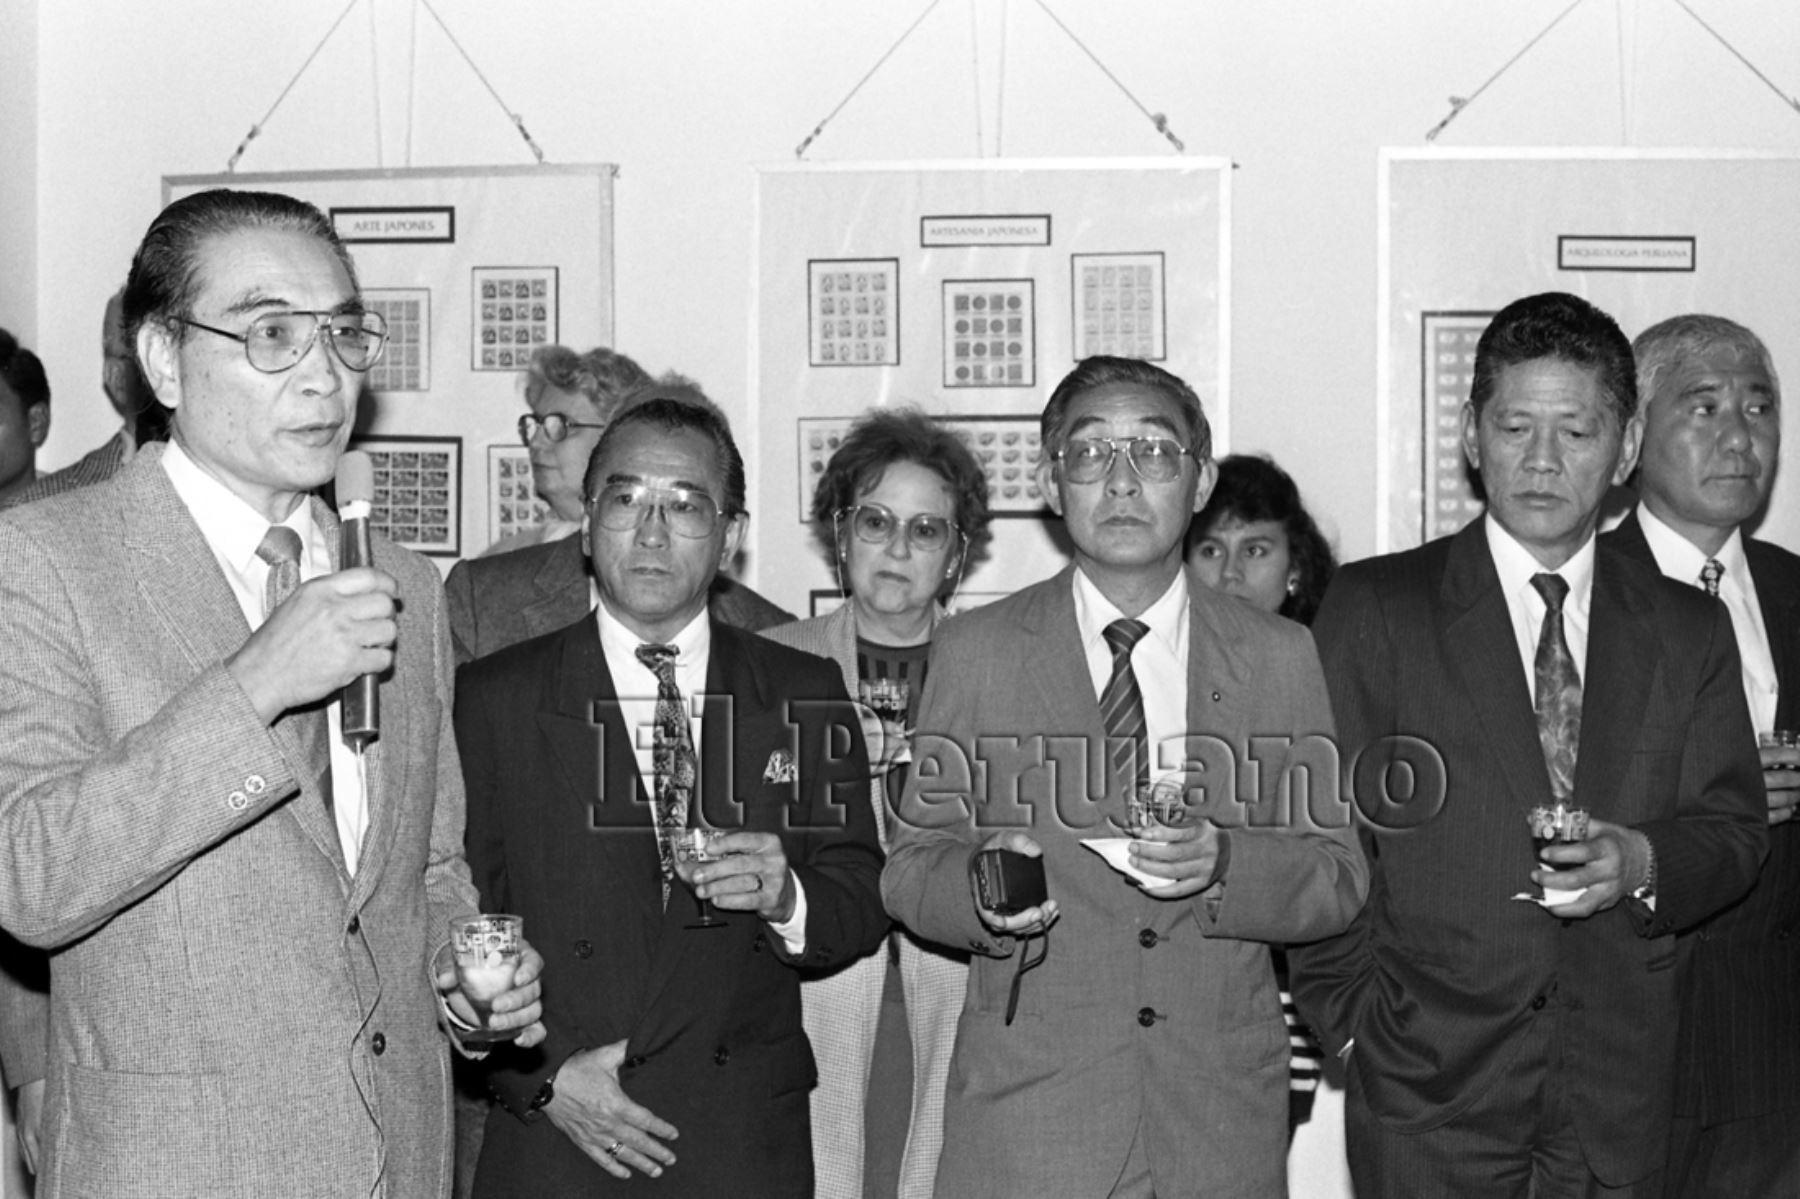 Lima - 16 agosto 1993 / Inauguración de exposición filtélica por los 120 años del Tratado de Amistad Perú - Japón.